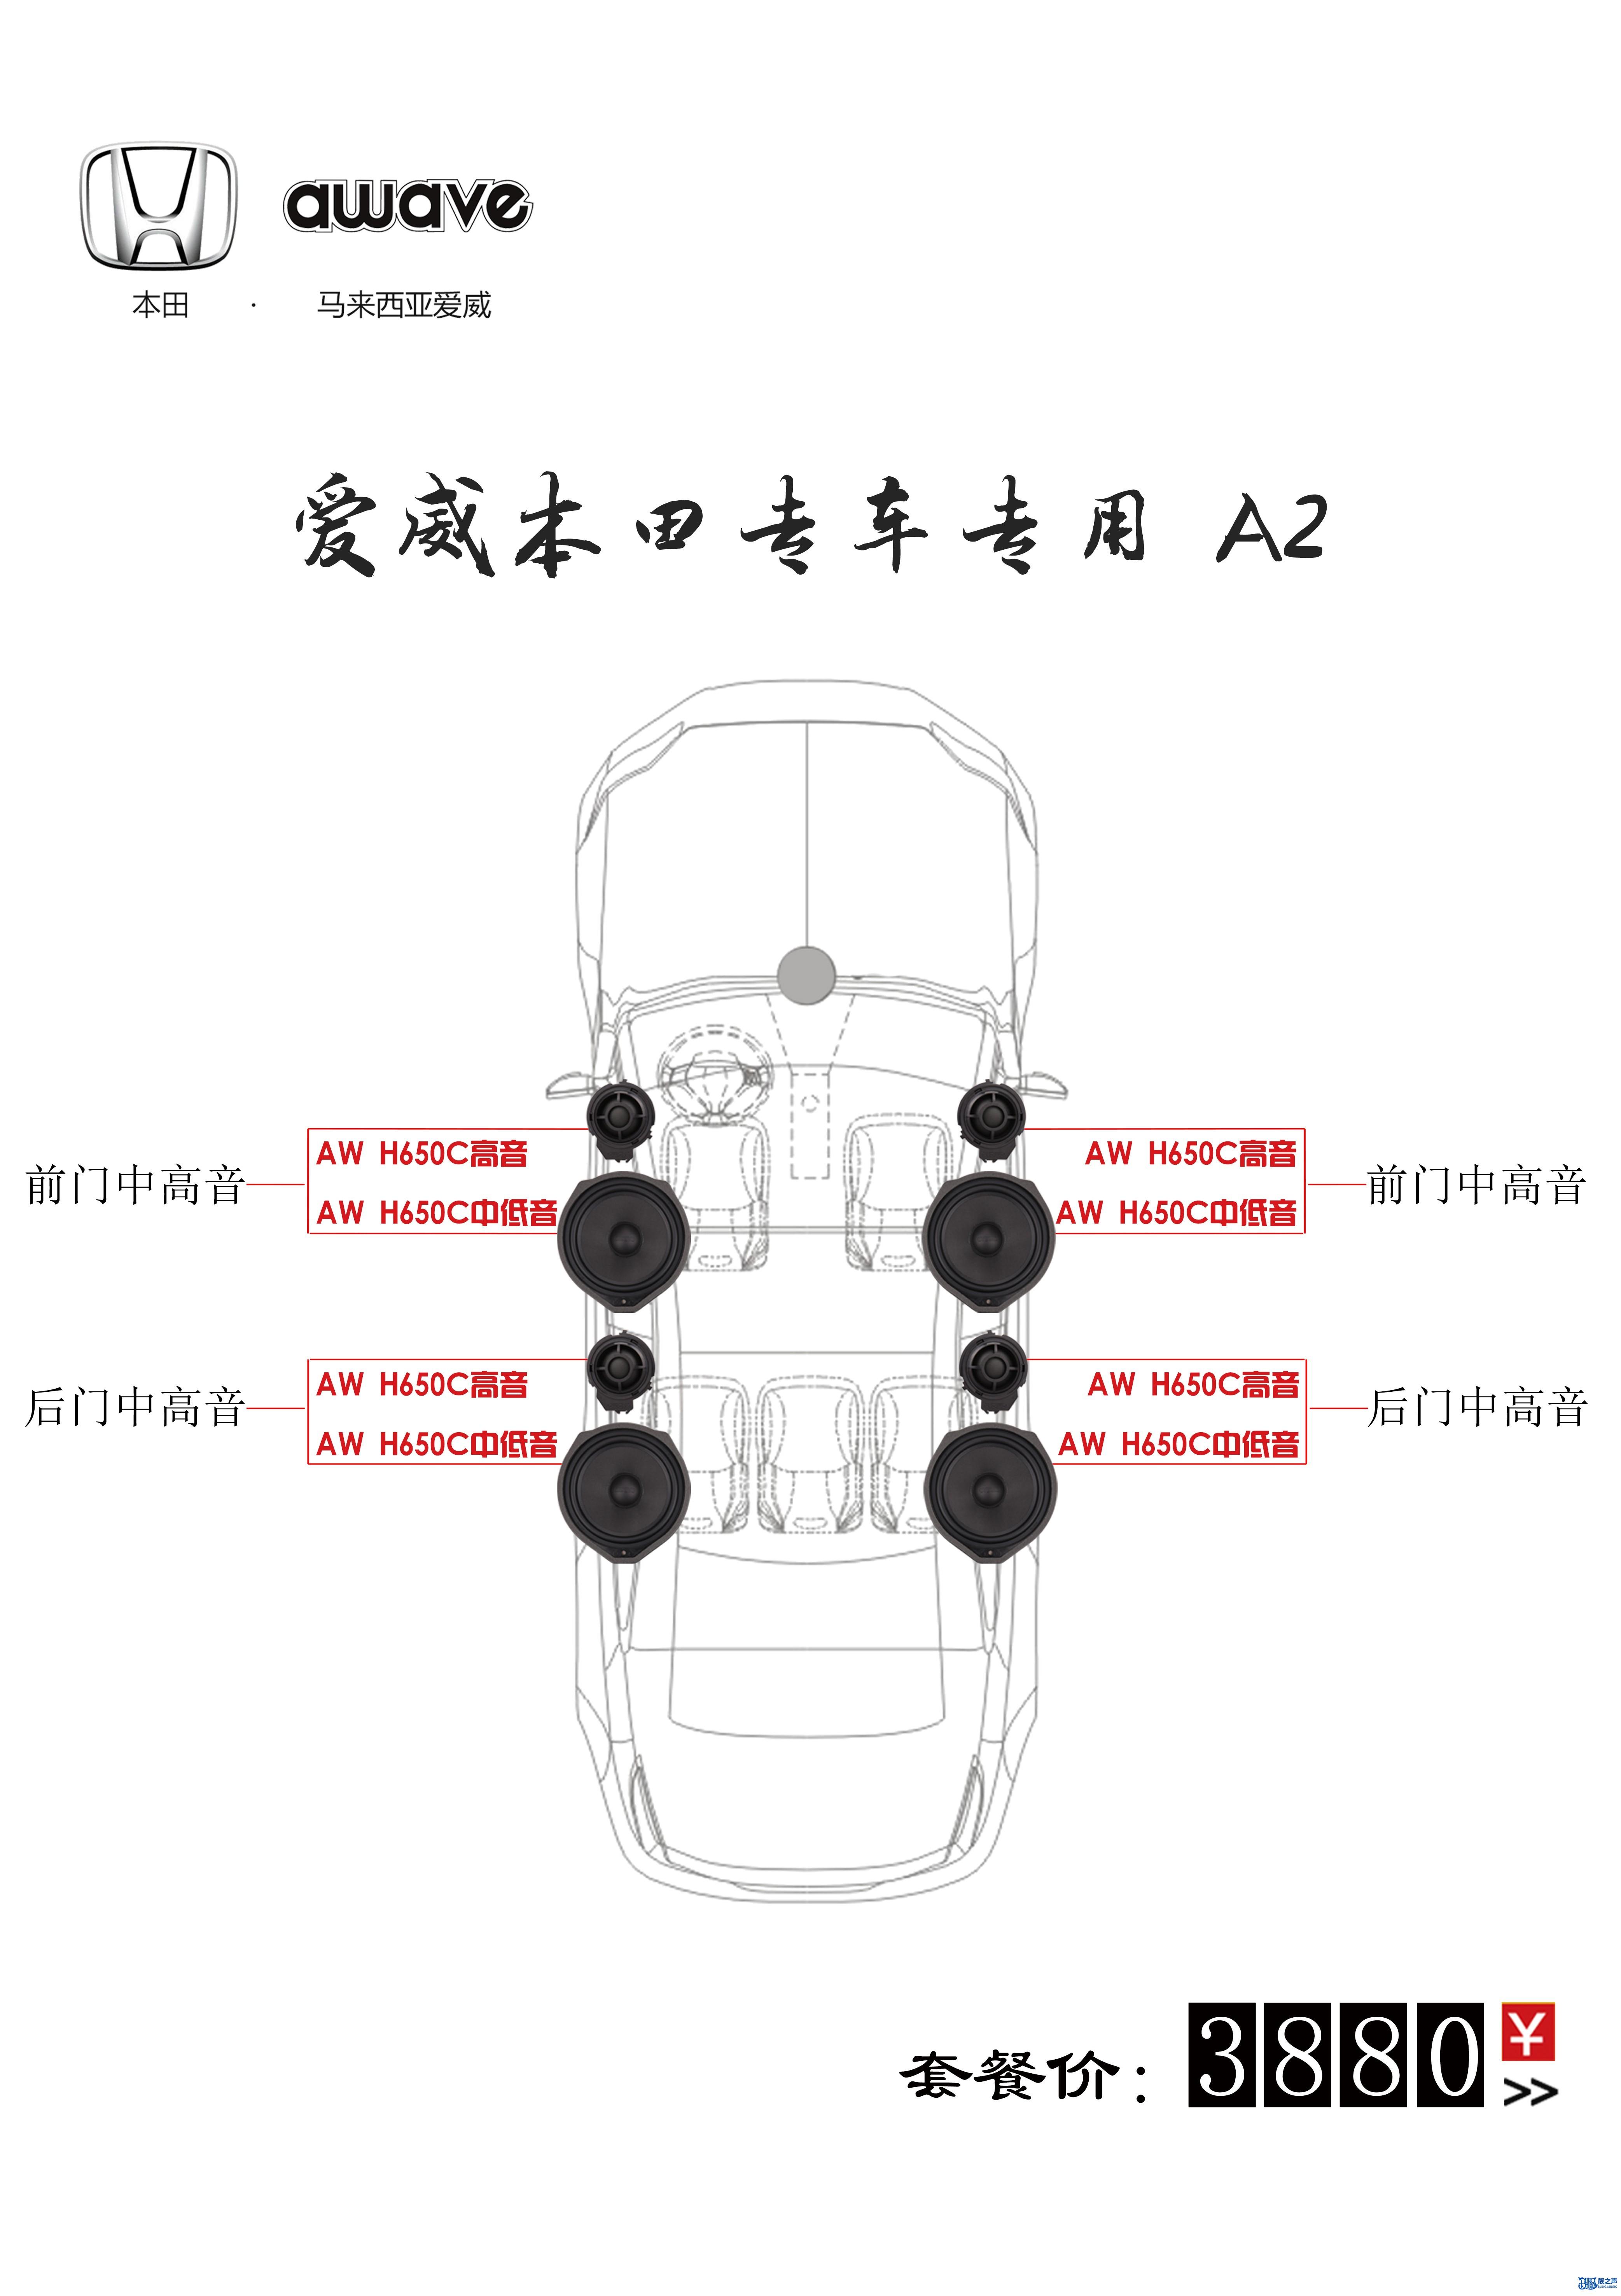 爱威本田专车专用 A2.jpg